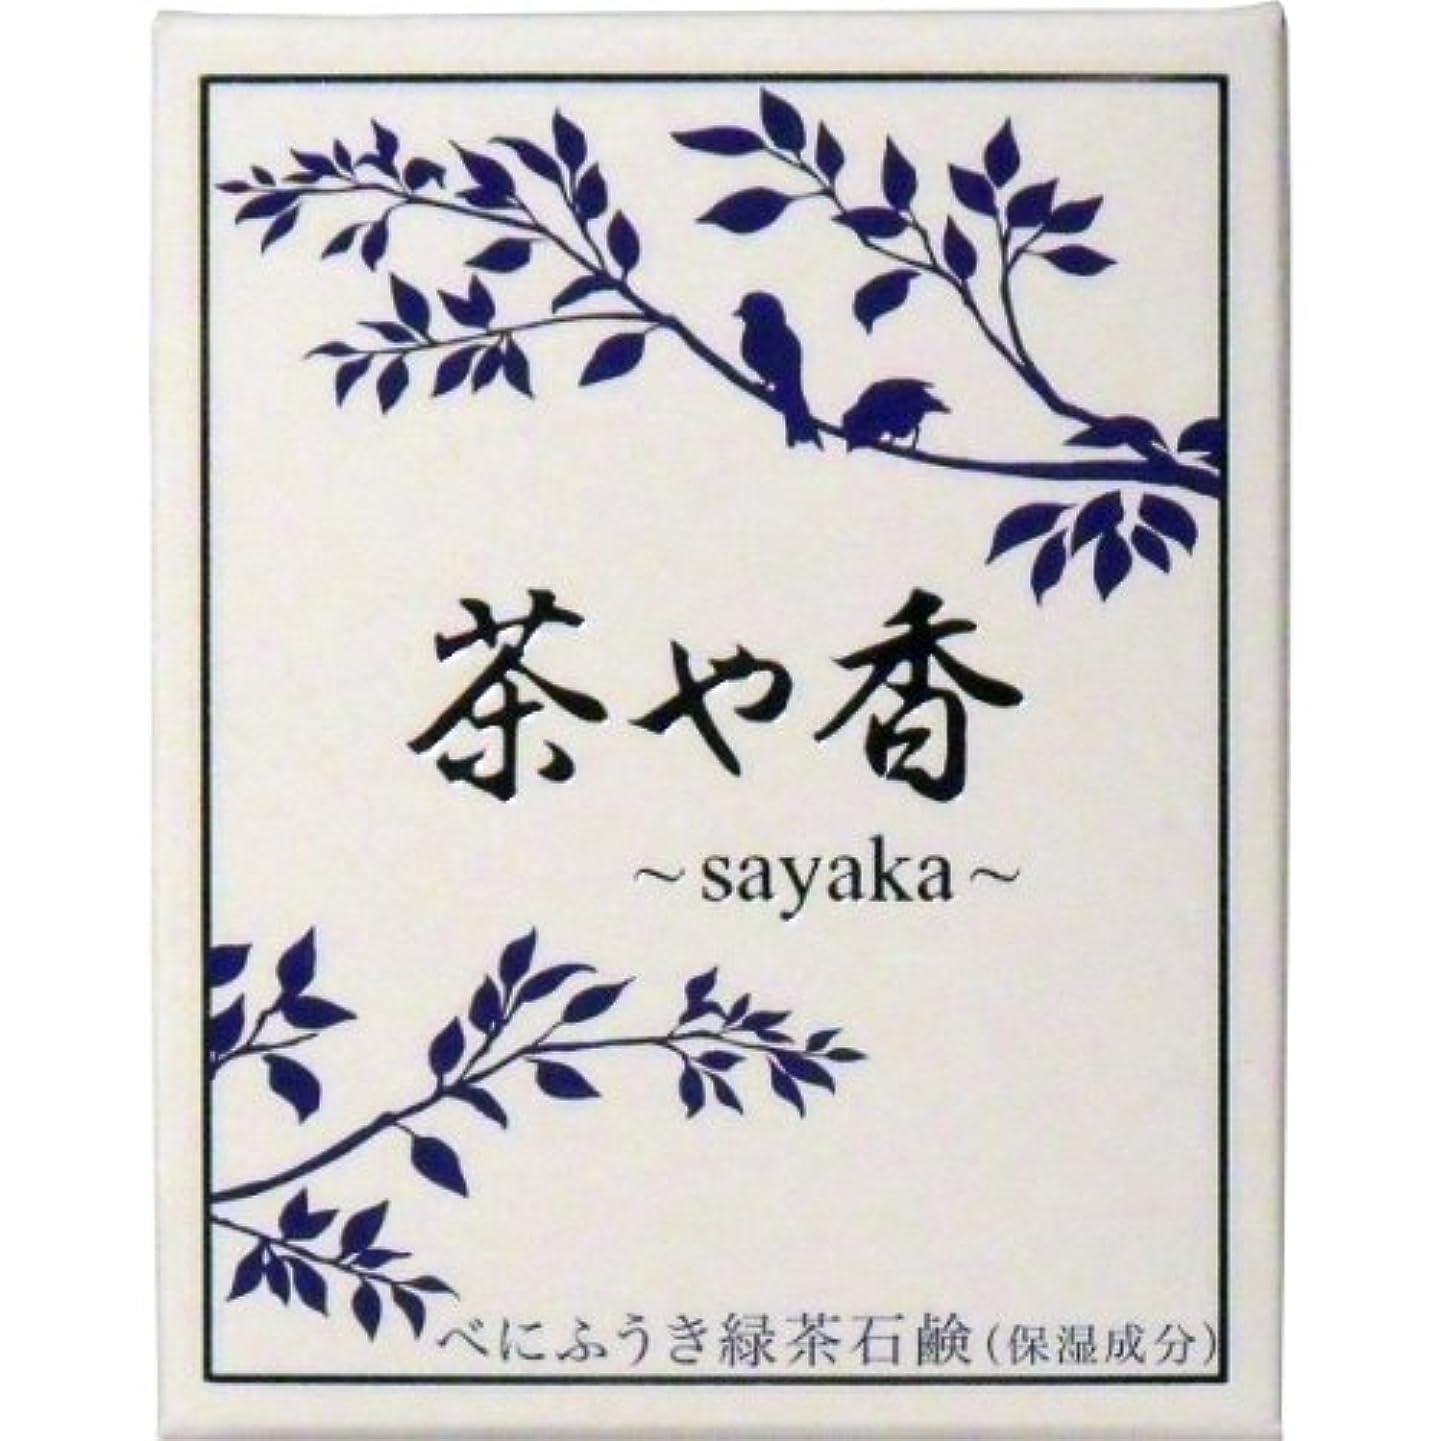 寝具ご近所ロマンス茶や香 -sayaka- べにふうき緑茶石鹸 100g入 ×10個セット